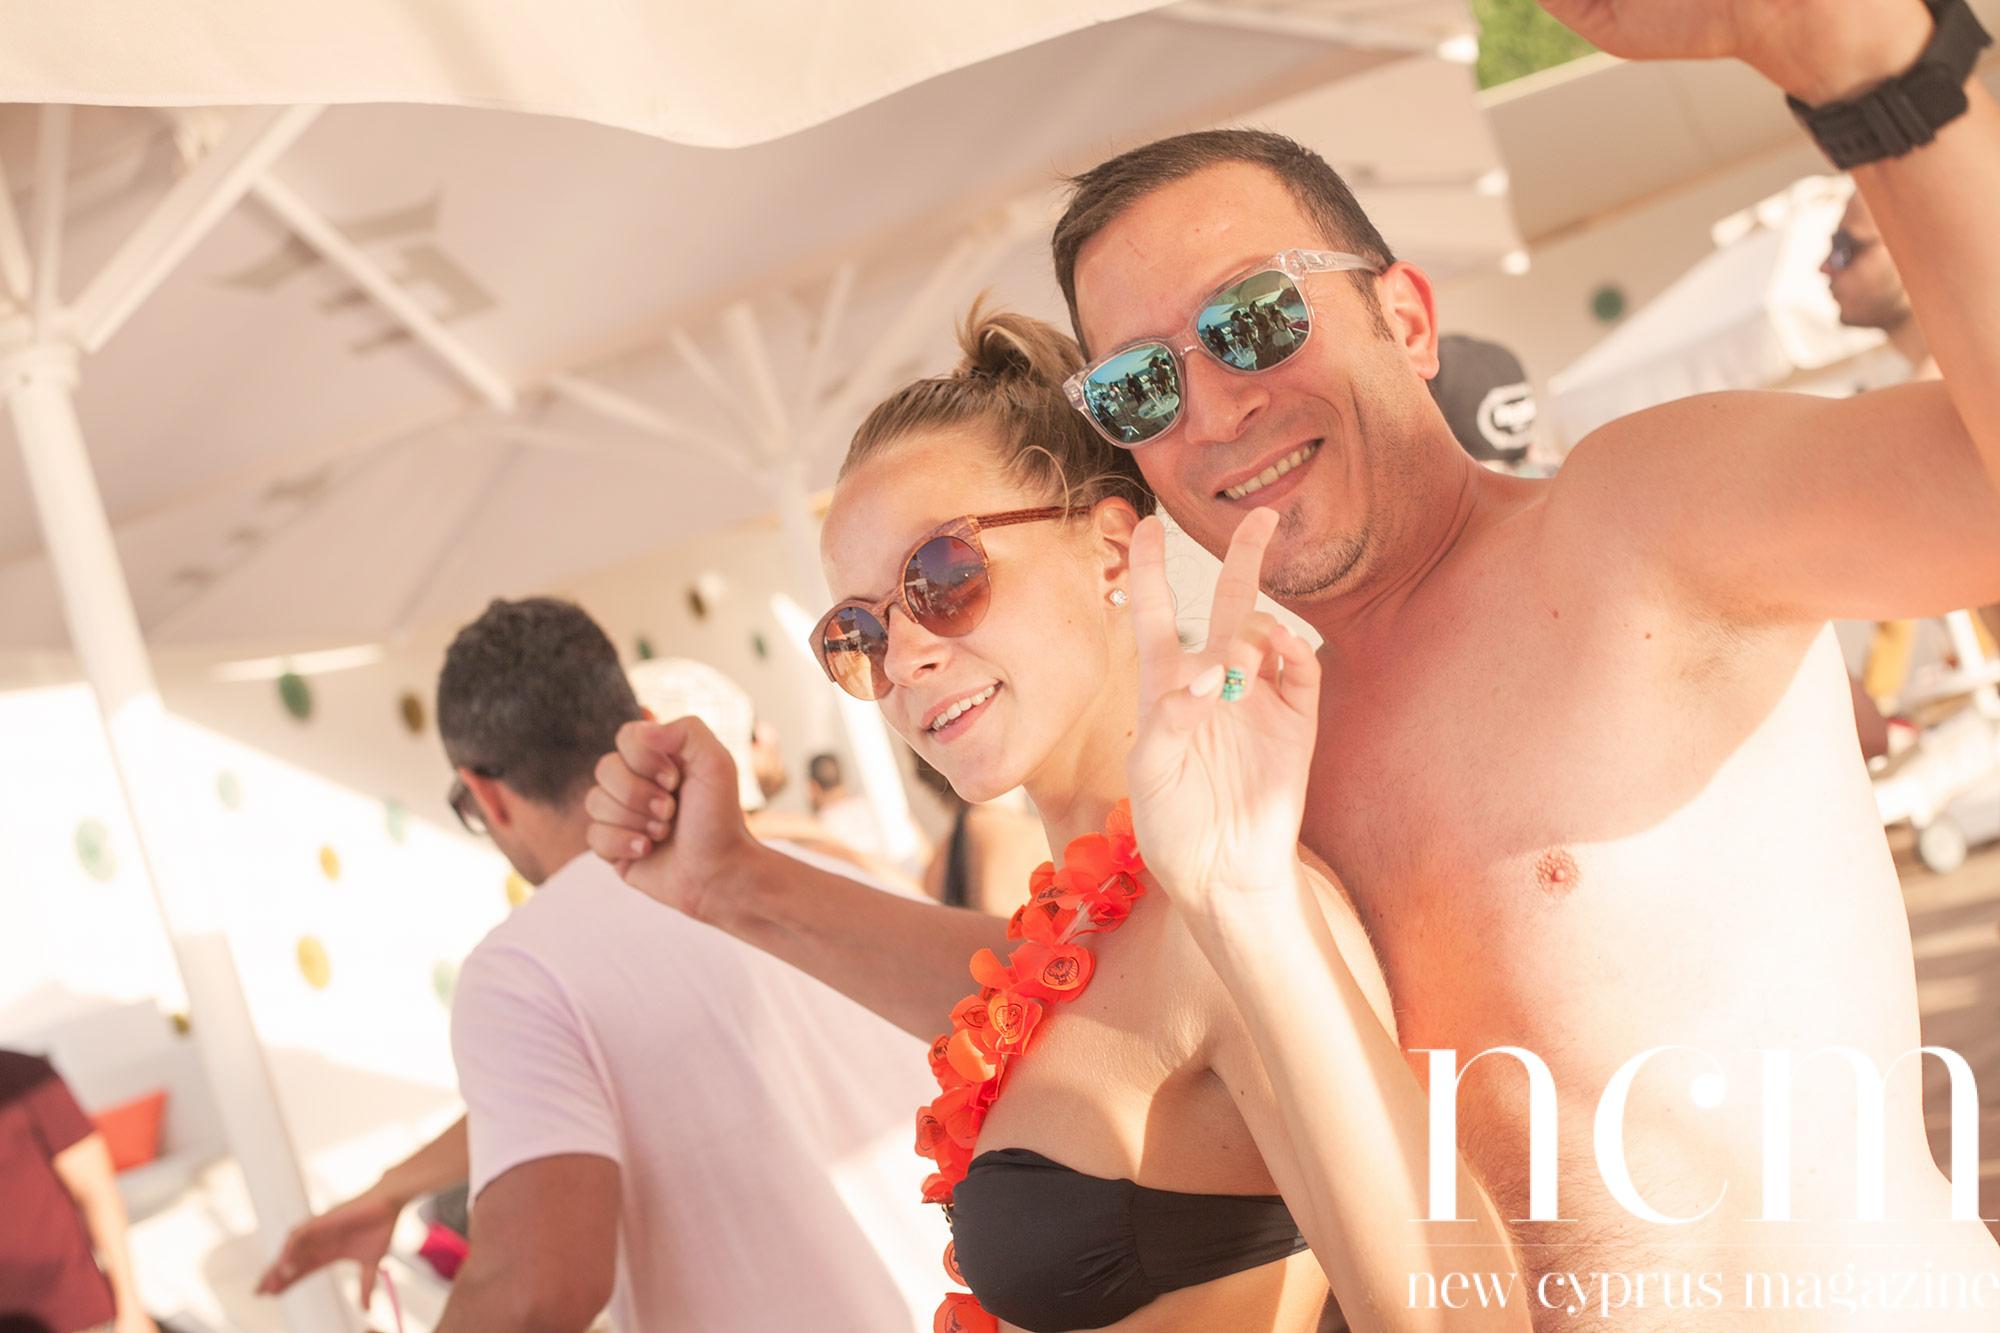 north-cyprus-2016-mia-beach-club4